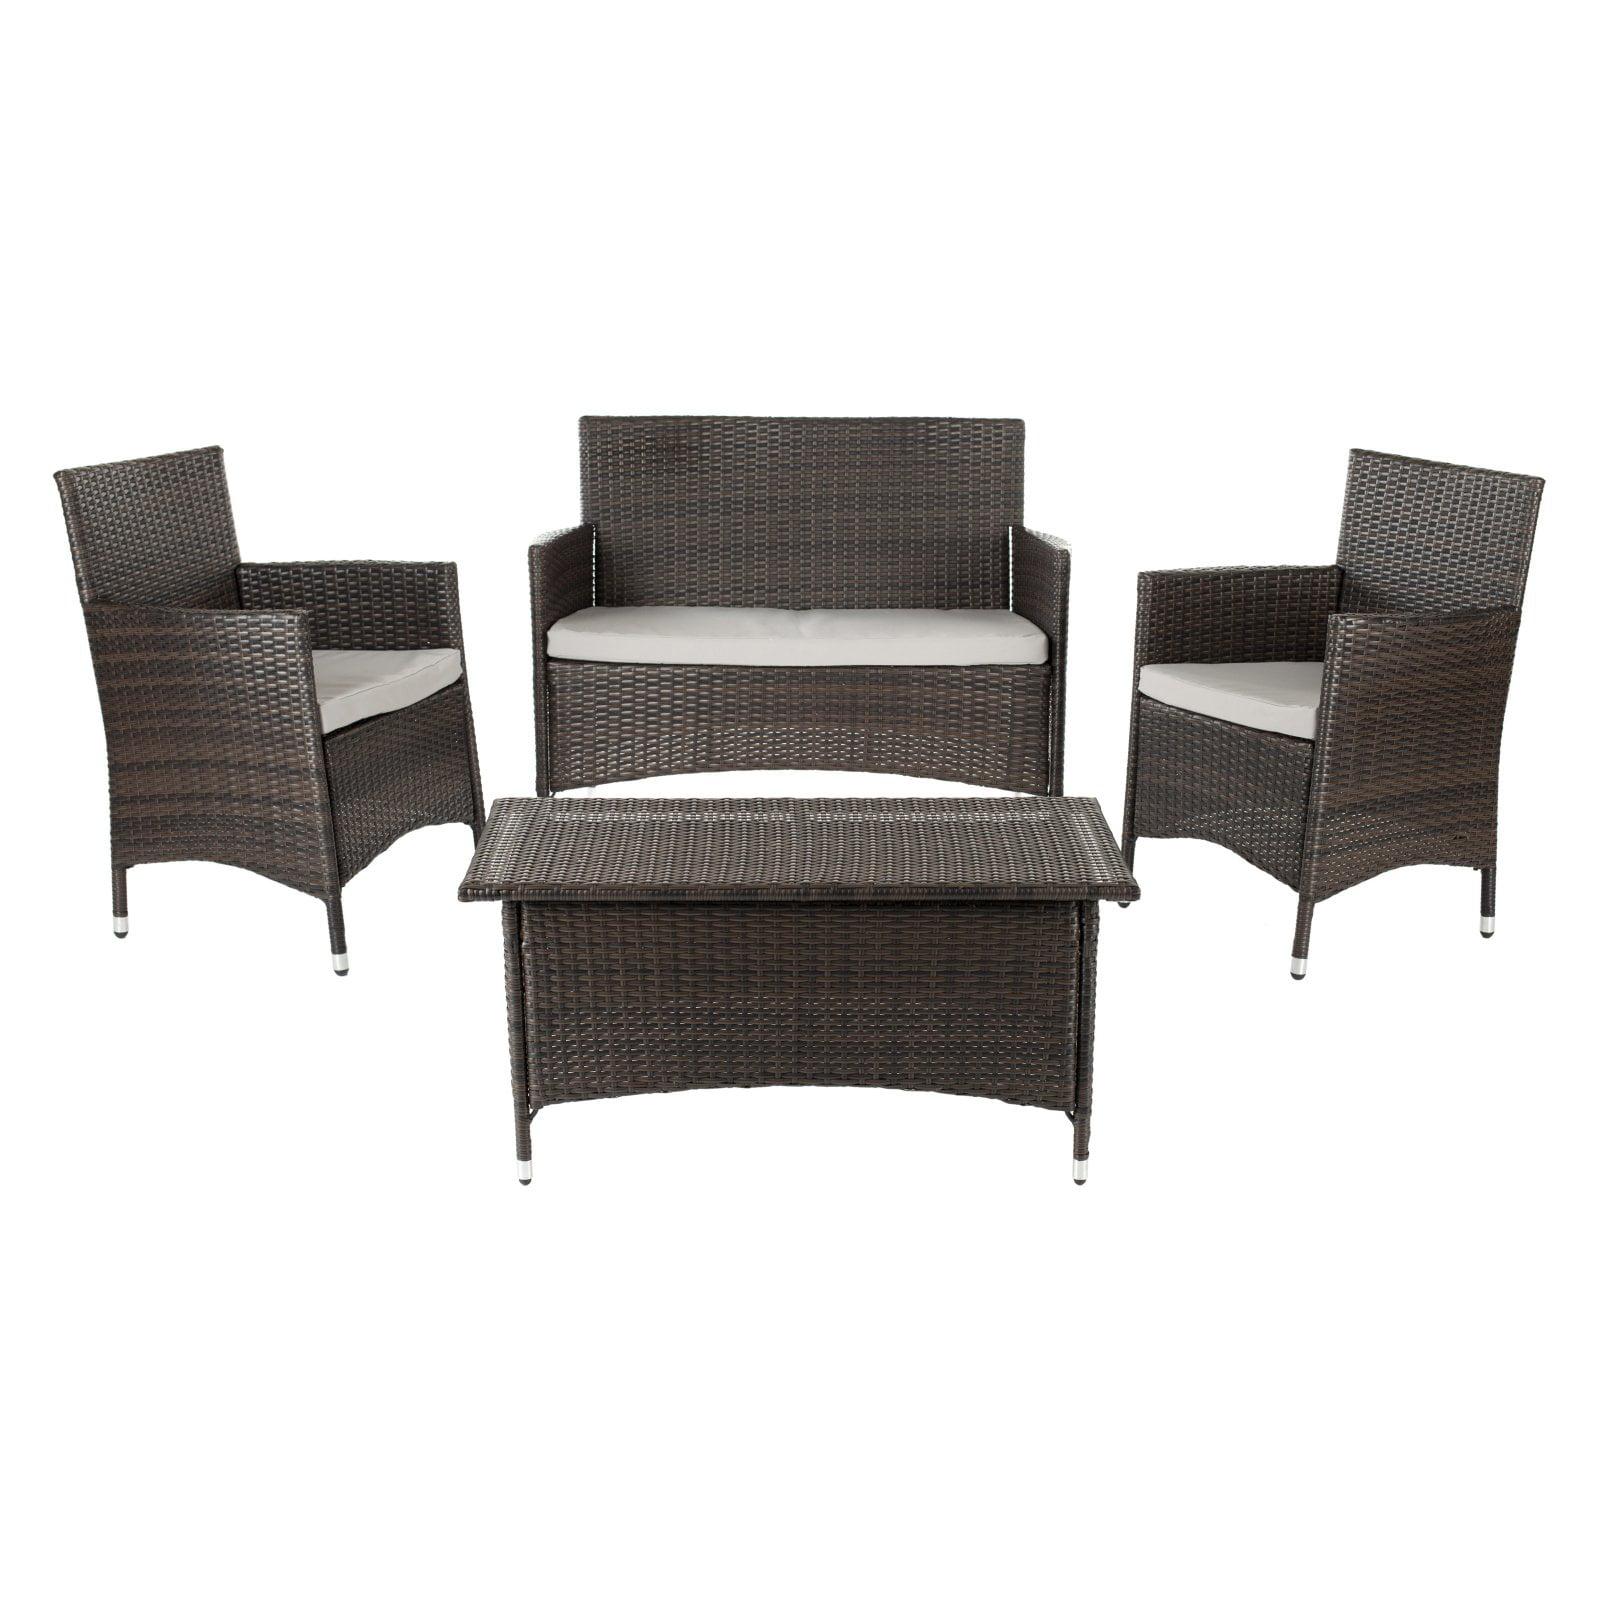 Safavieh Manning All-Weather Wicker Conversation Set - Seats 4